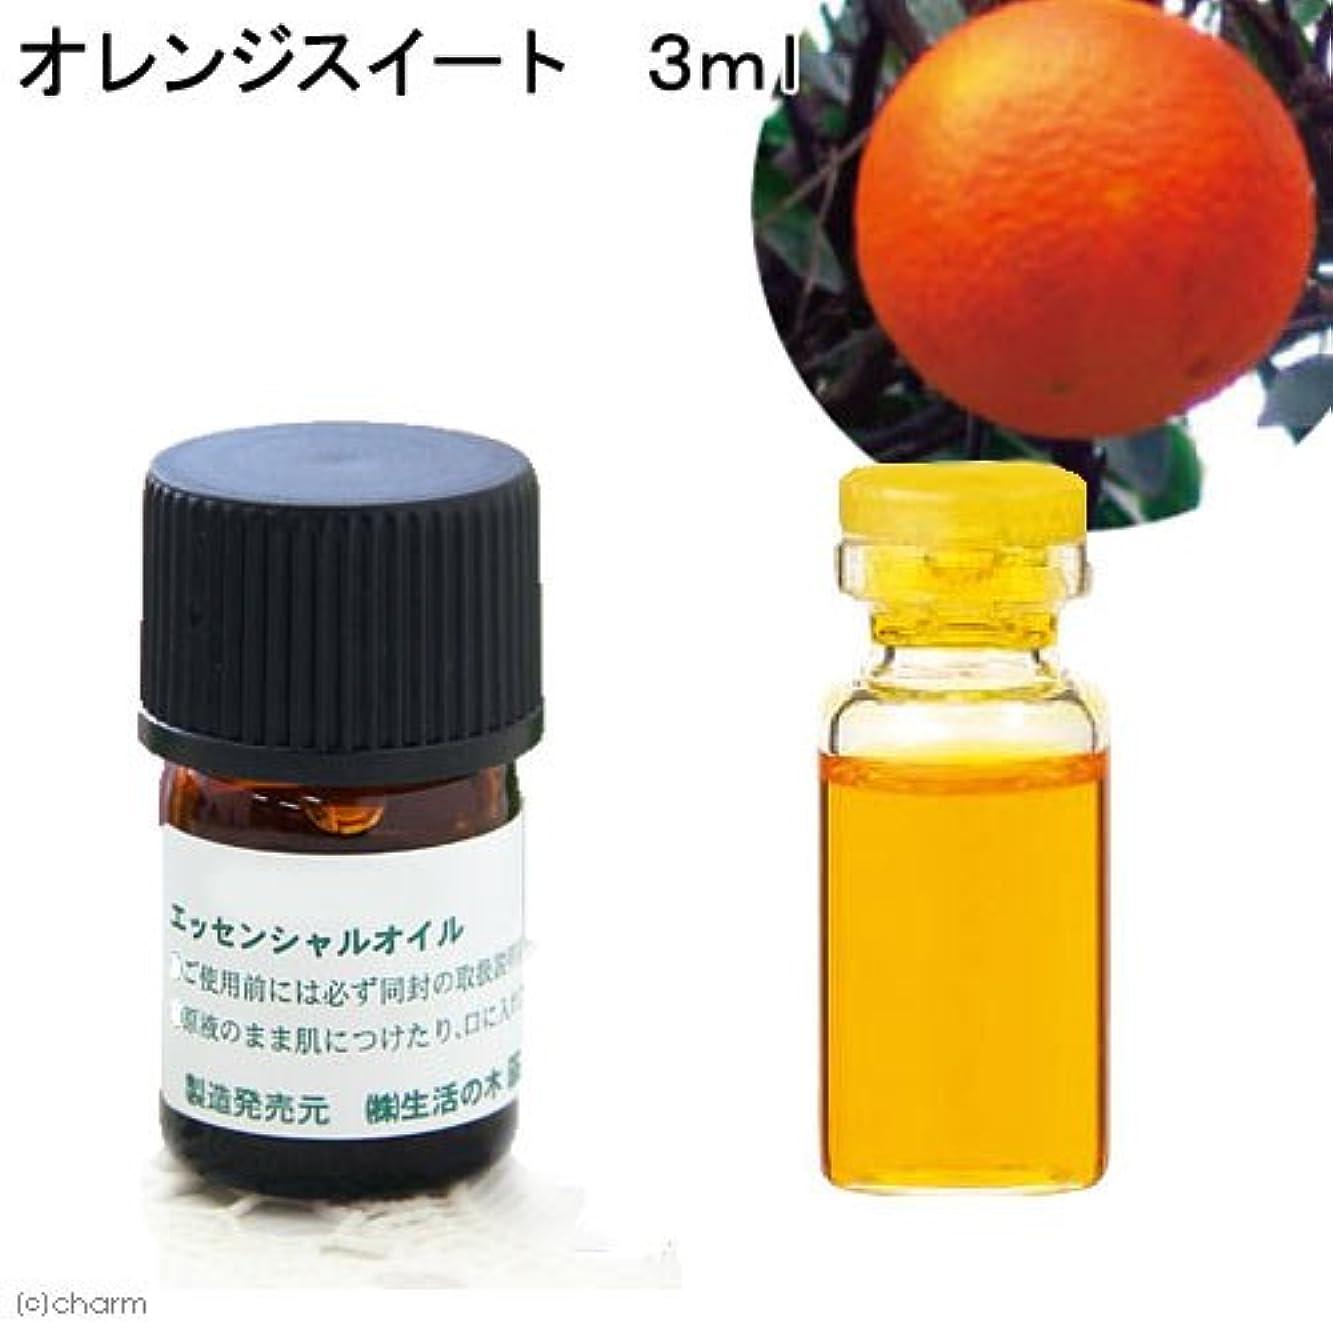 インスタンスマイク破壊的生活の木 オレンジスイート 3ml